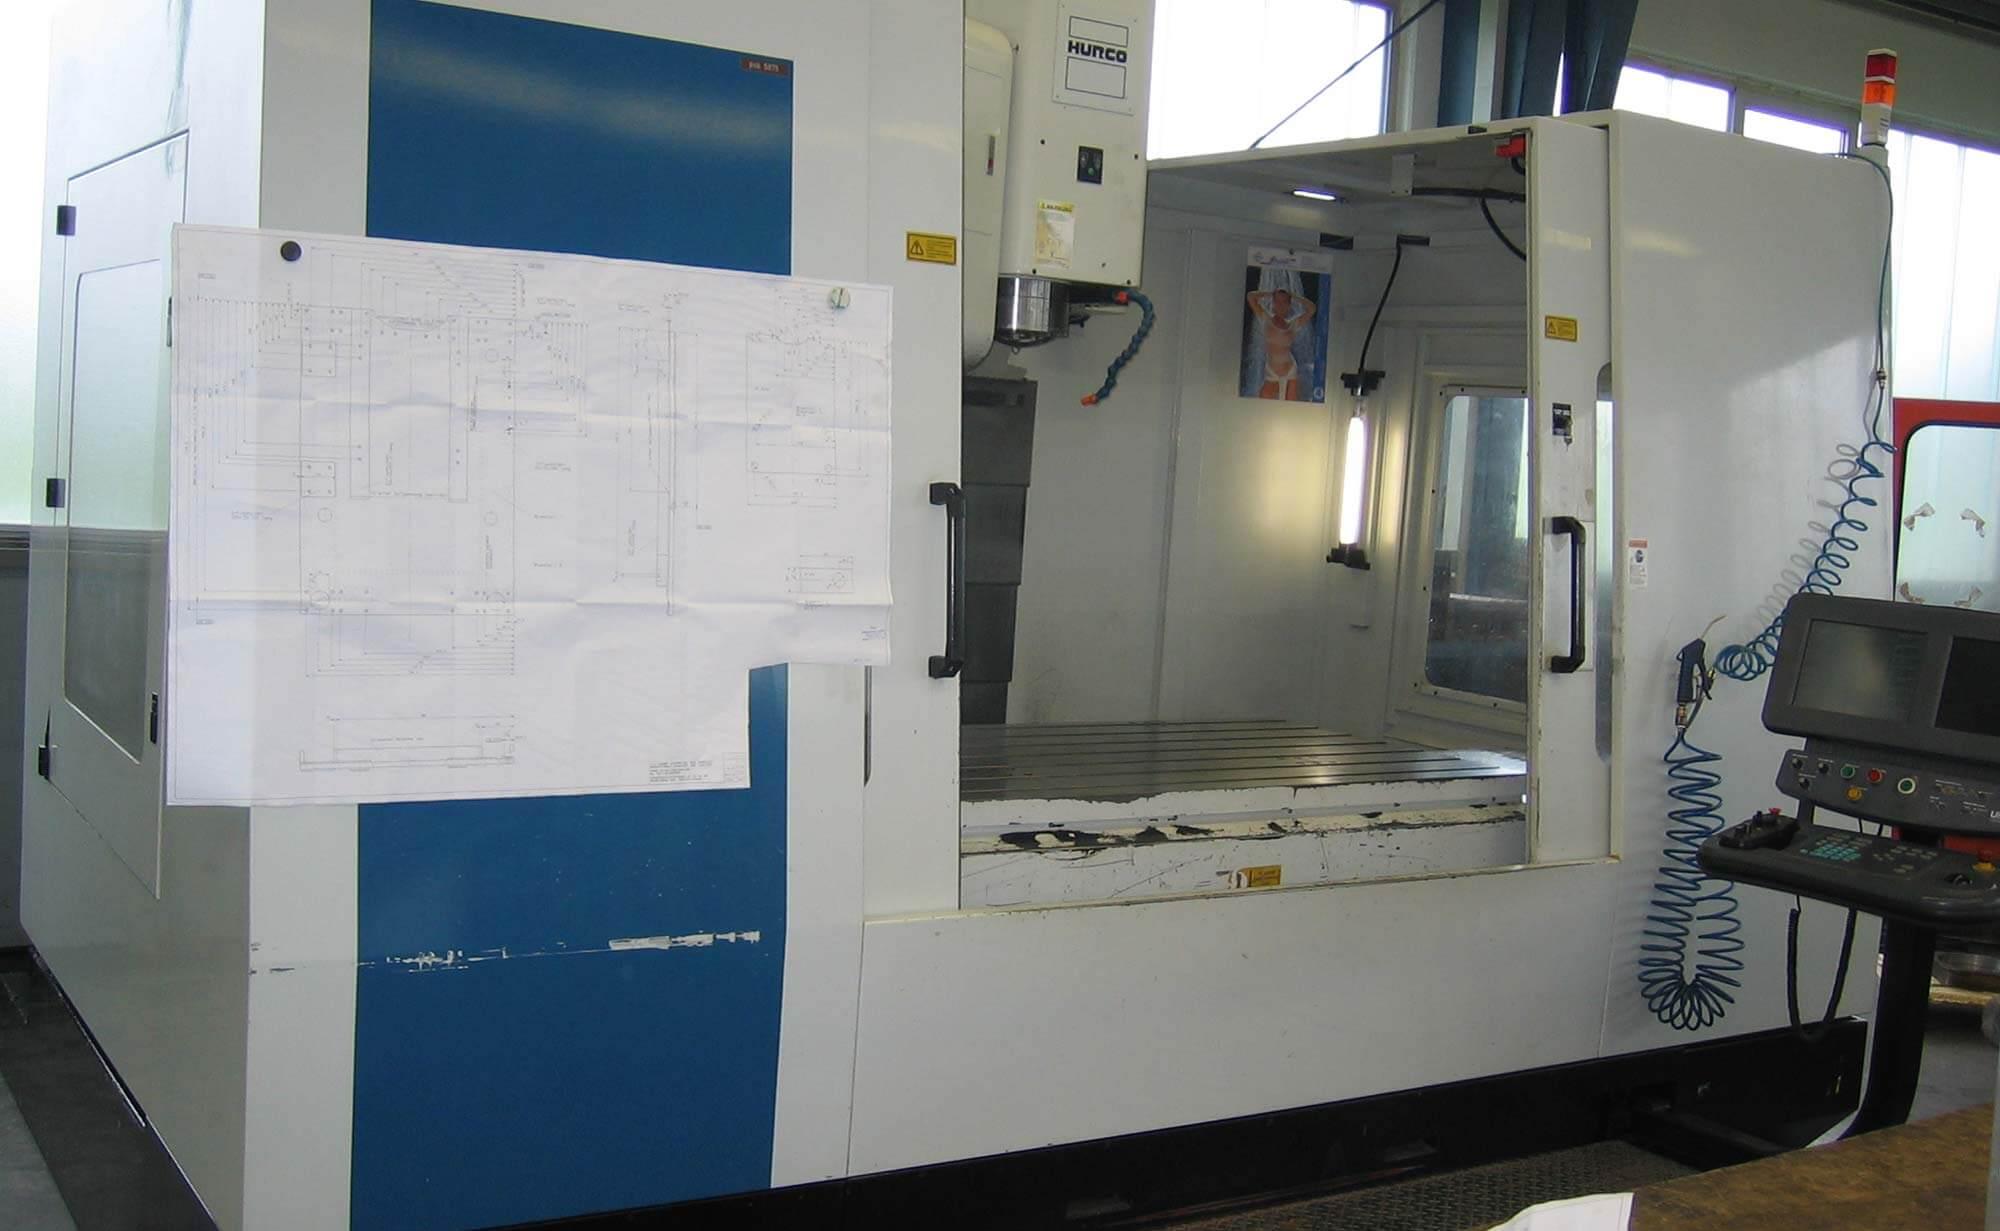 Hurco BMC 64M 3-Achs-Bearbeitungszentrum